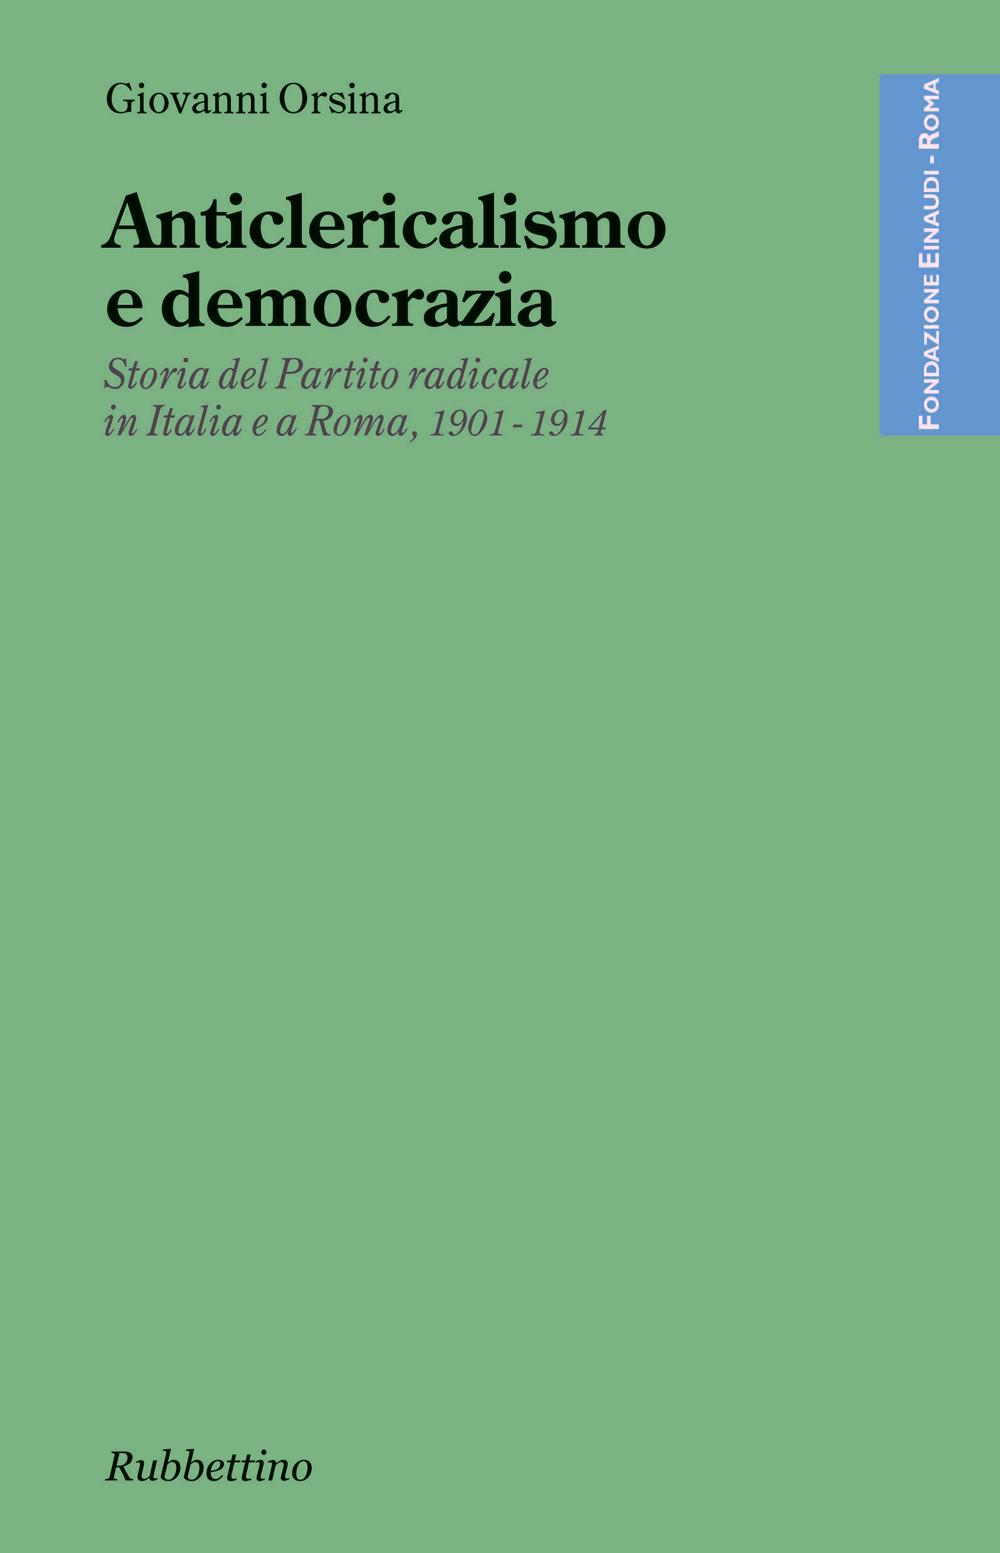 Anticlericalismo e democrazia di Giovanni Orsina